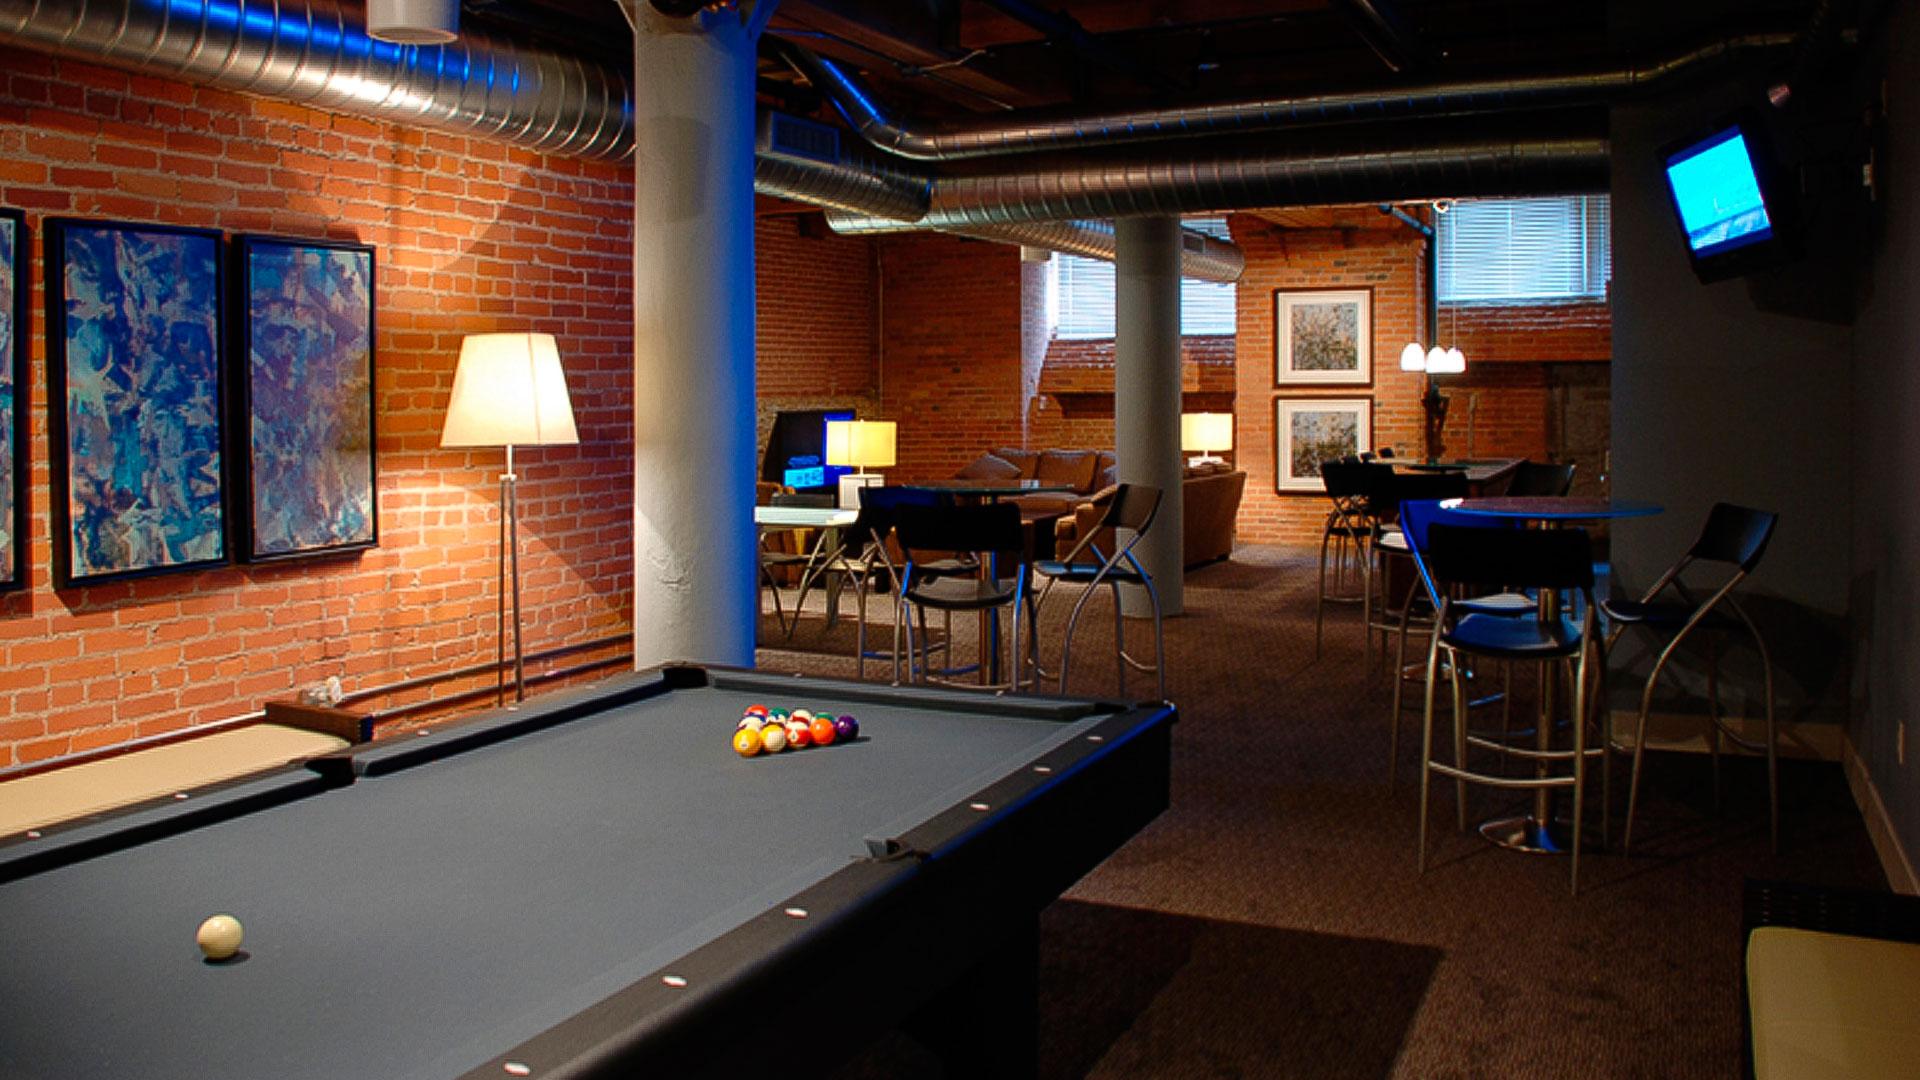 Campbell Lofts Kansas City Lofts Condos And Apartments